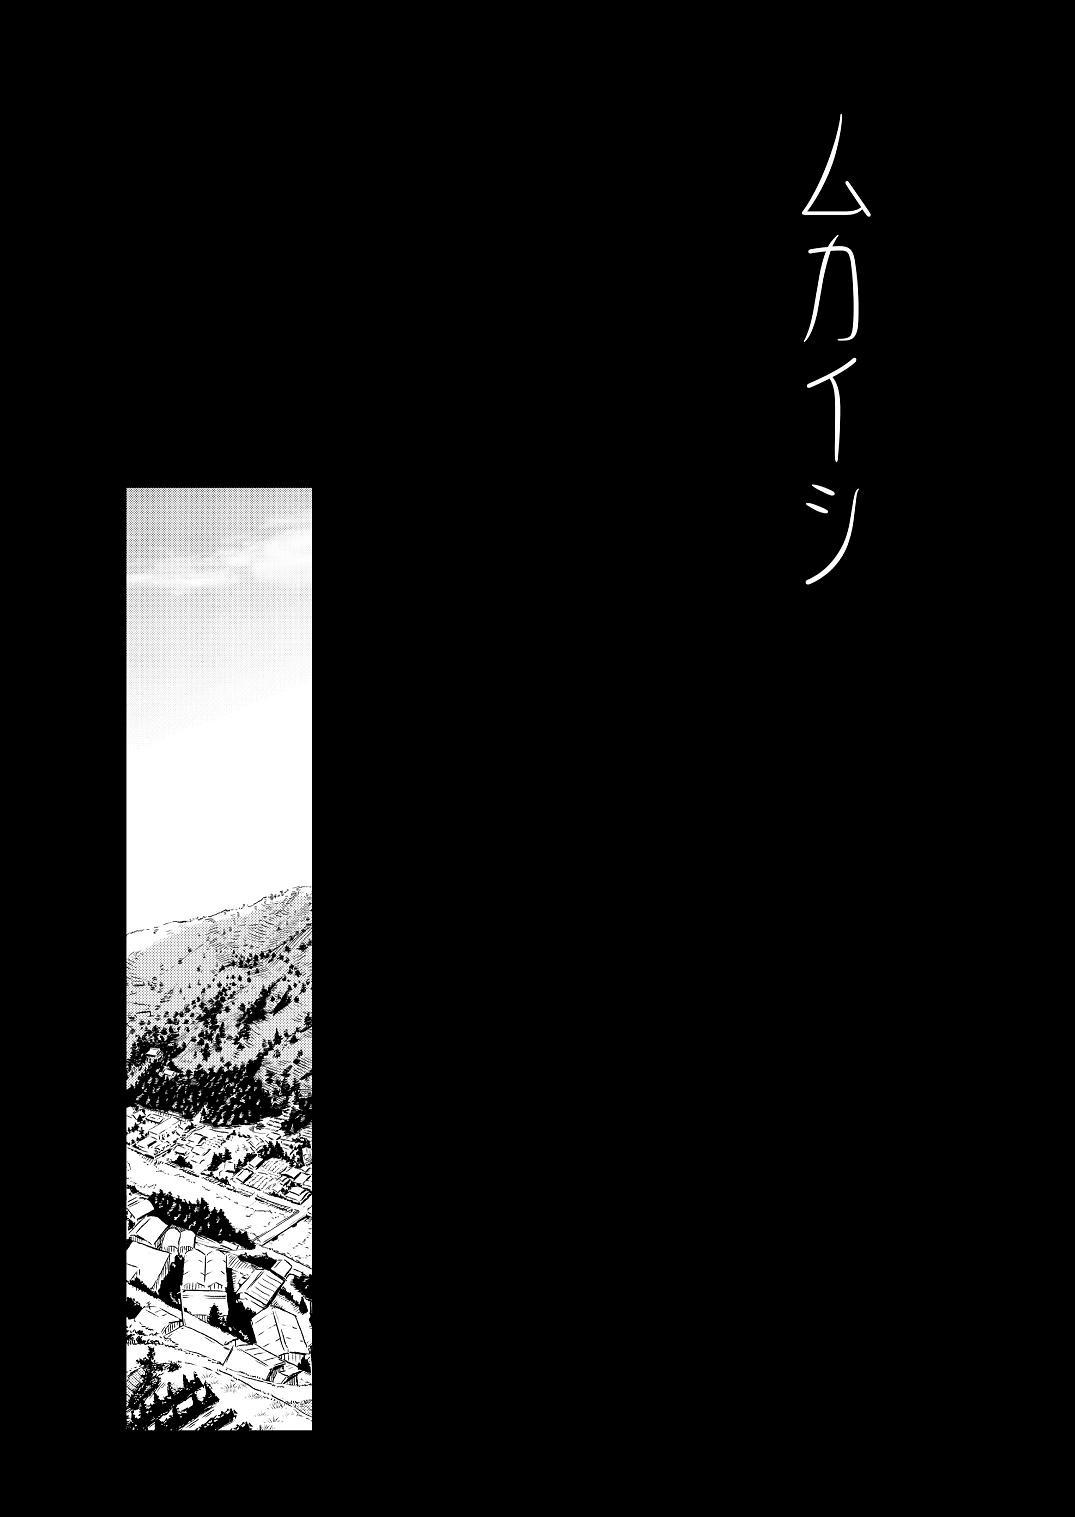 Mukaishi 2